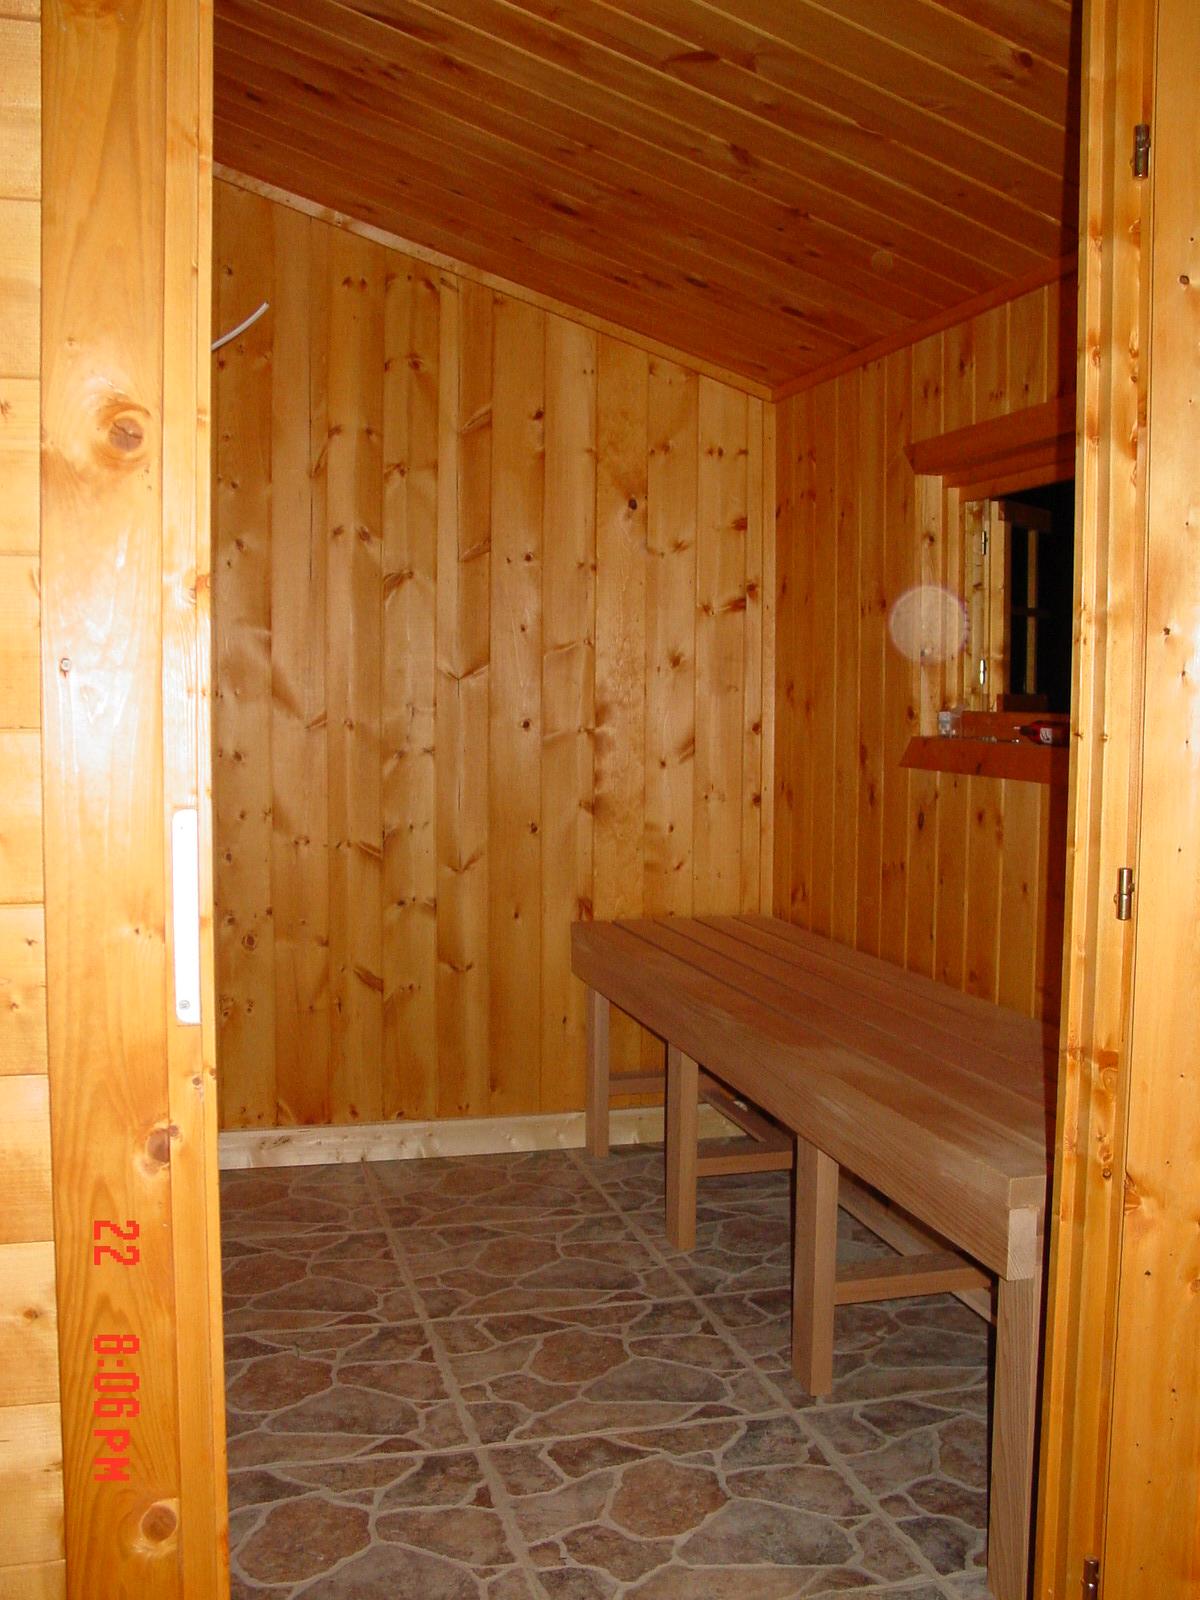 Heavy duty board-log garden shed. Dimensions 8'x12'x7'h.